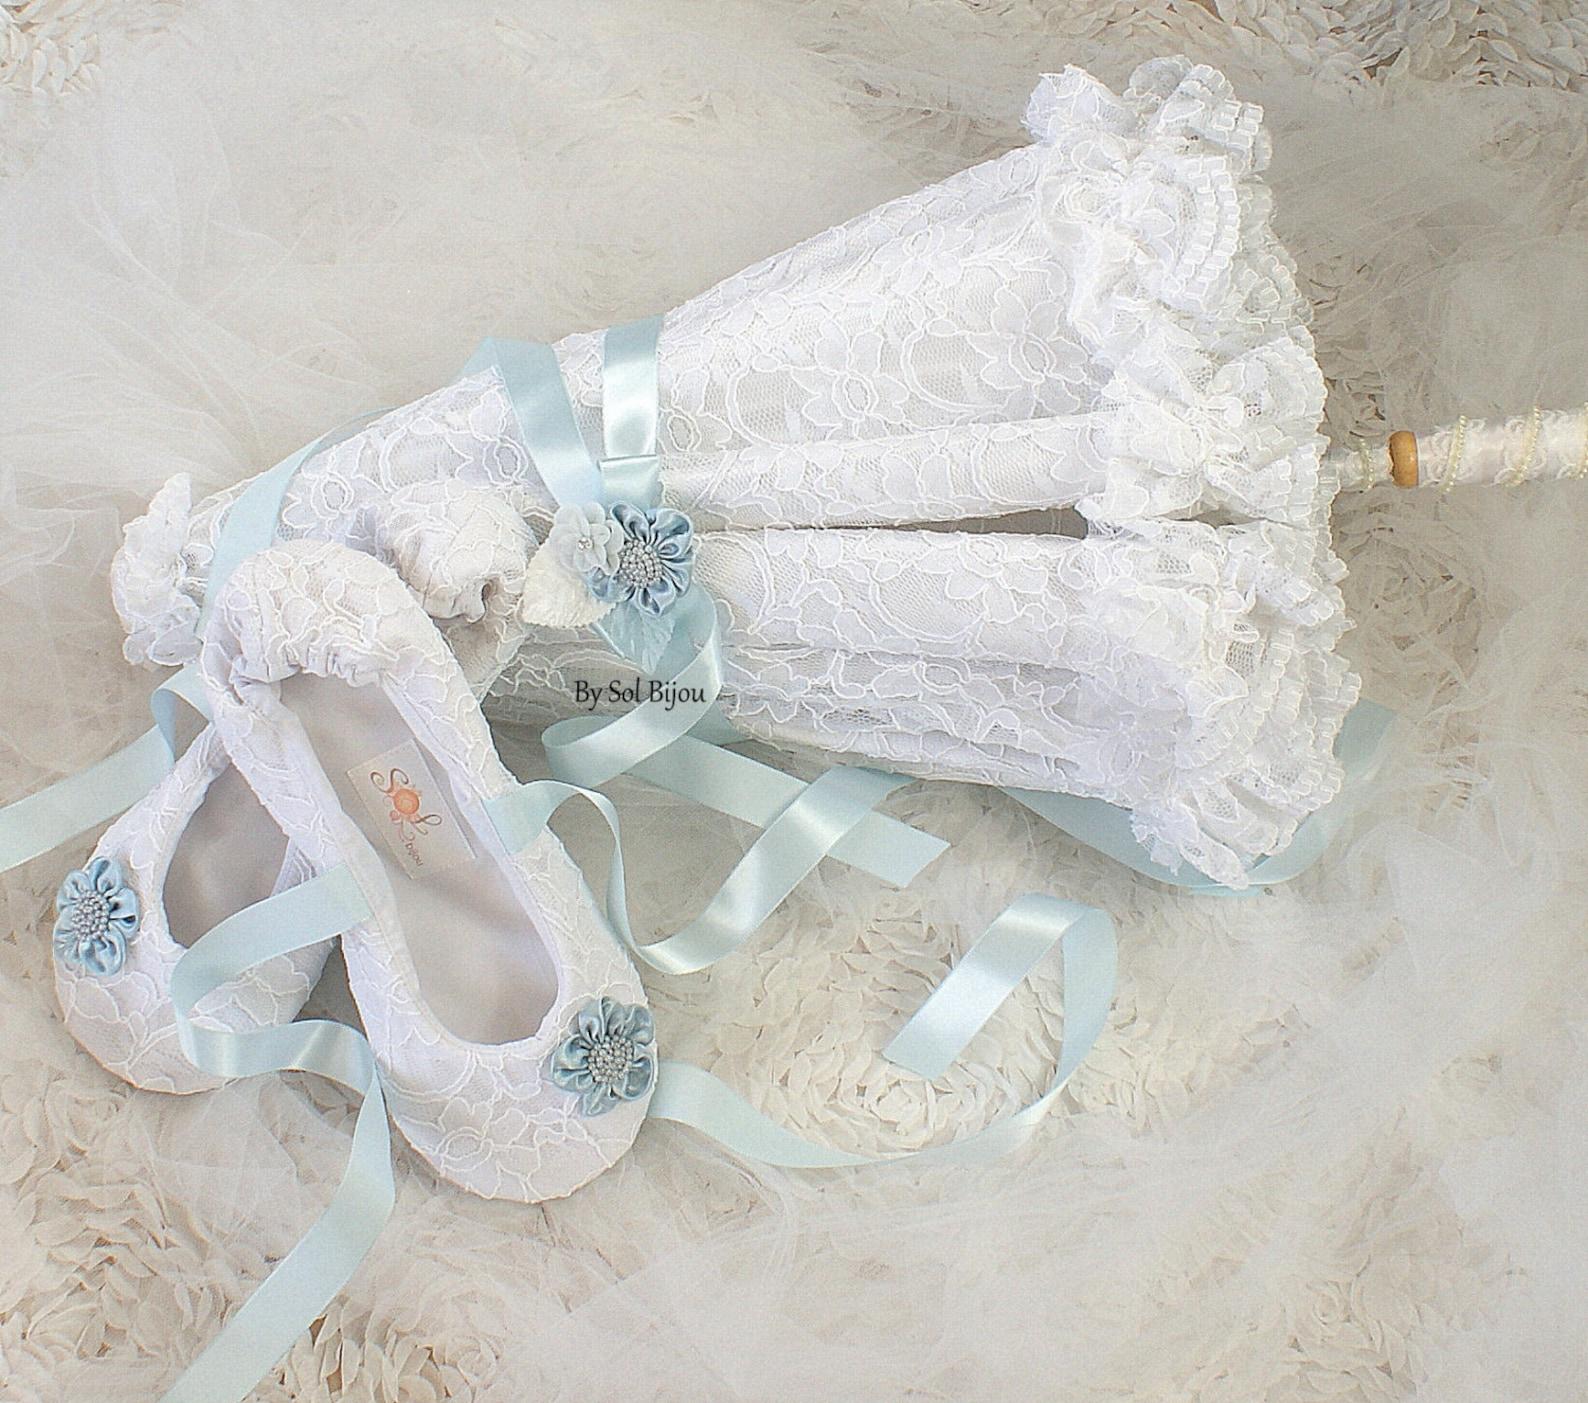 wedding ballet flats something blue white bridal shoes wedding flats shoes flats with flowers blue ballet slippers shoes custom